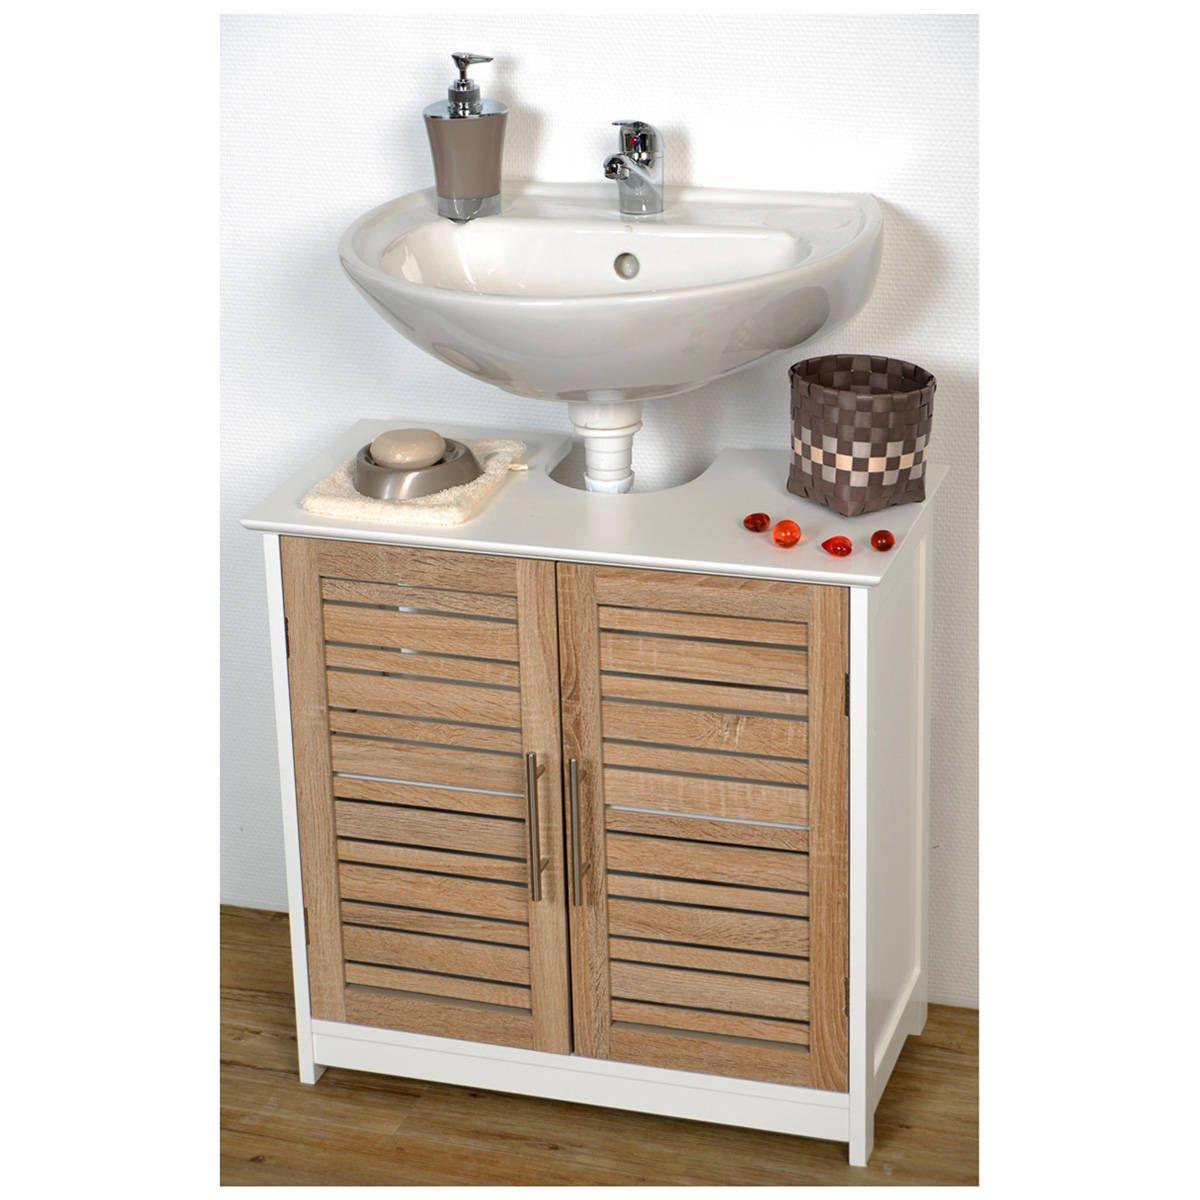 el ment sous lavabo stockholm 60 x p 30 x 60 cm wc pinterest lavabo salle de bain et salle. Black Bedroom Furniture Sets. Home Design Ideas